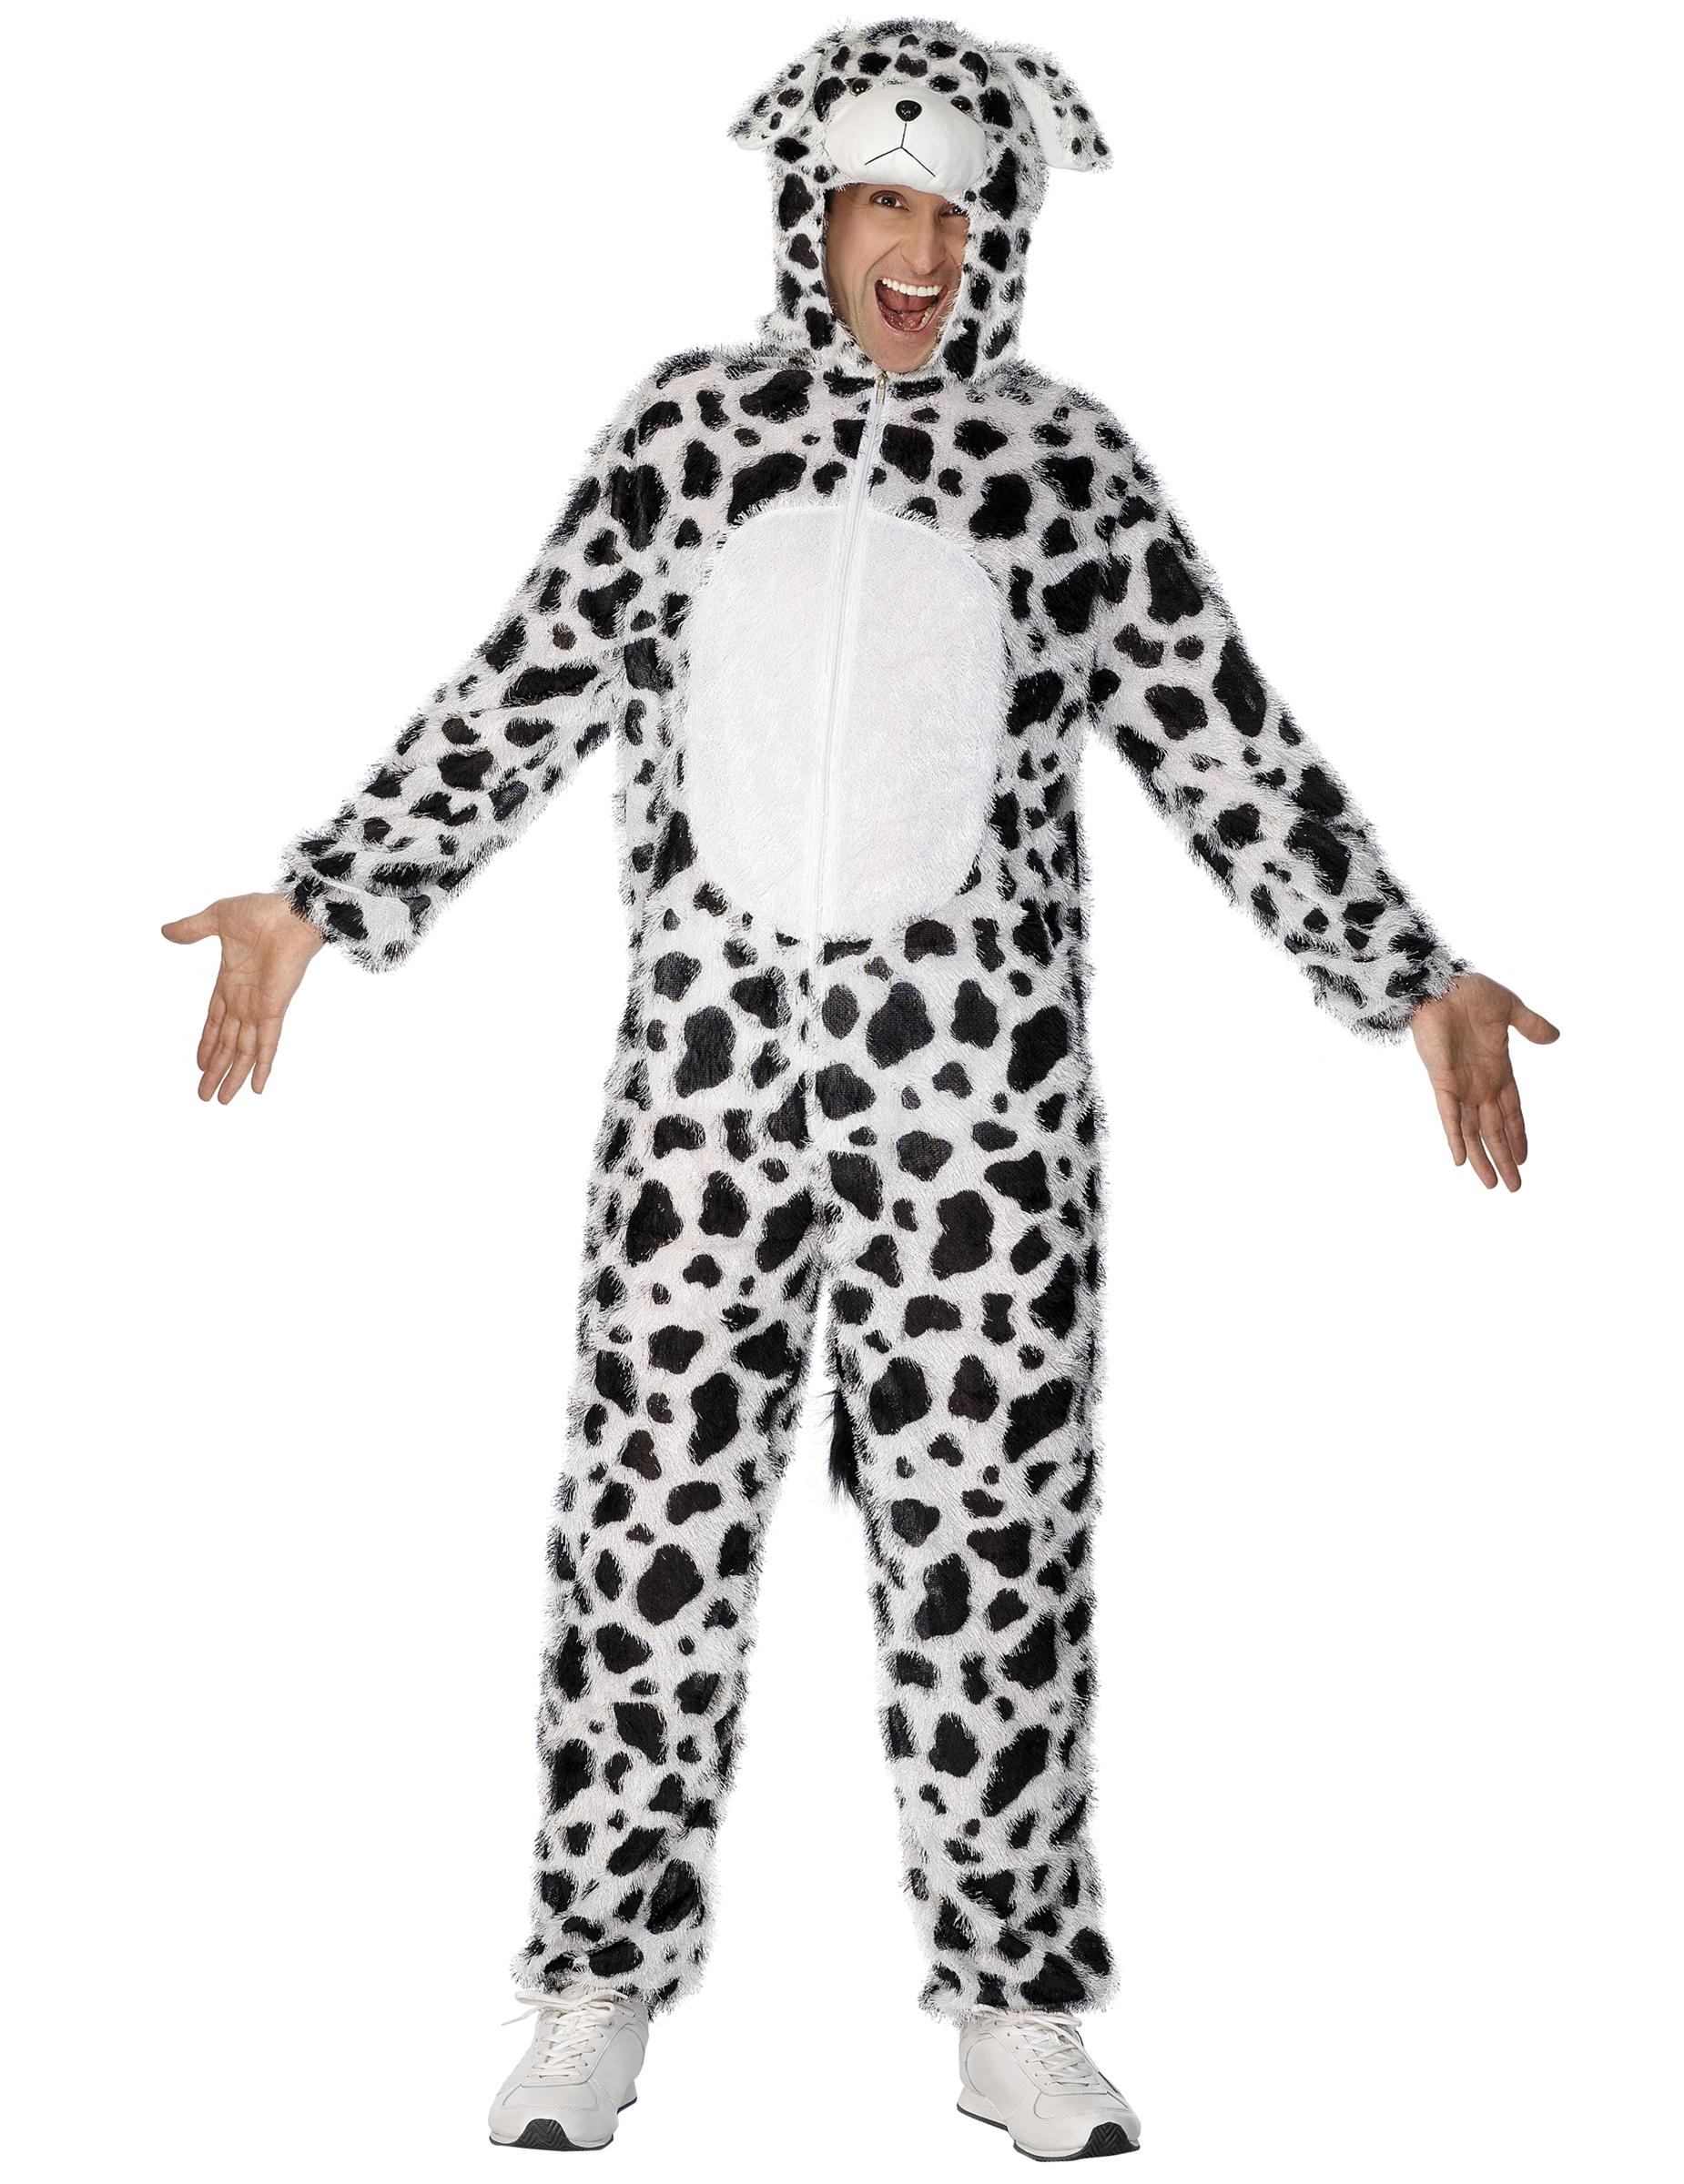 D guisement chien dalmatien adulte deguise toi achat de d guisements adultes - Deguisement halloween chien ...